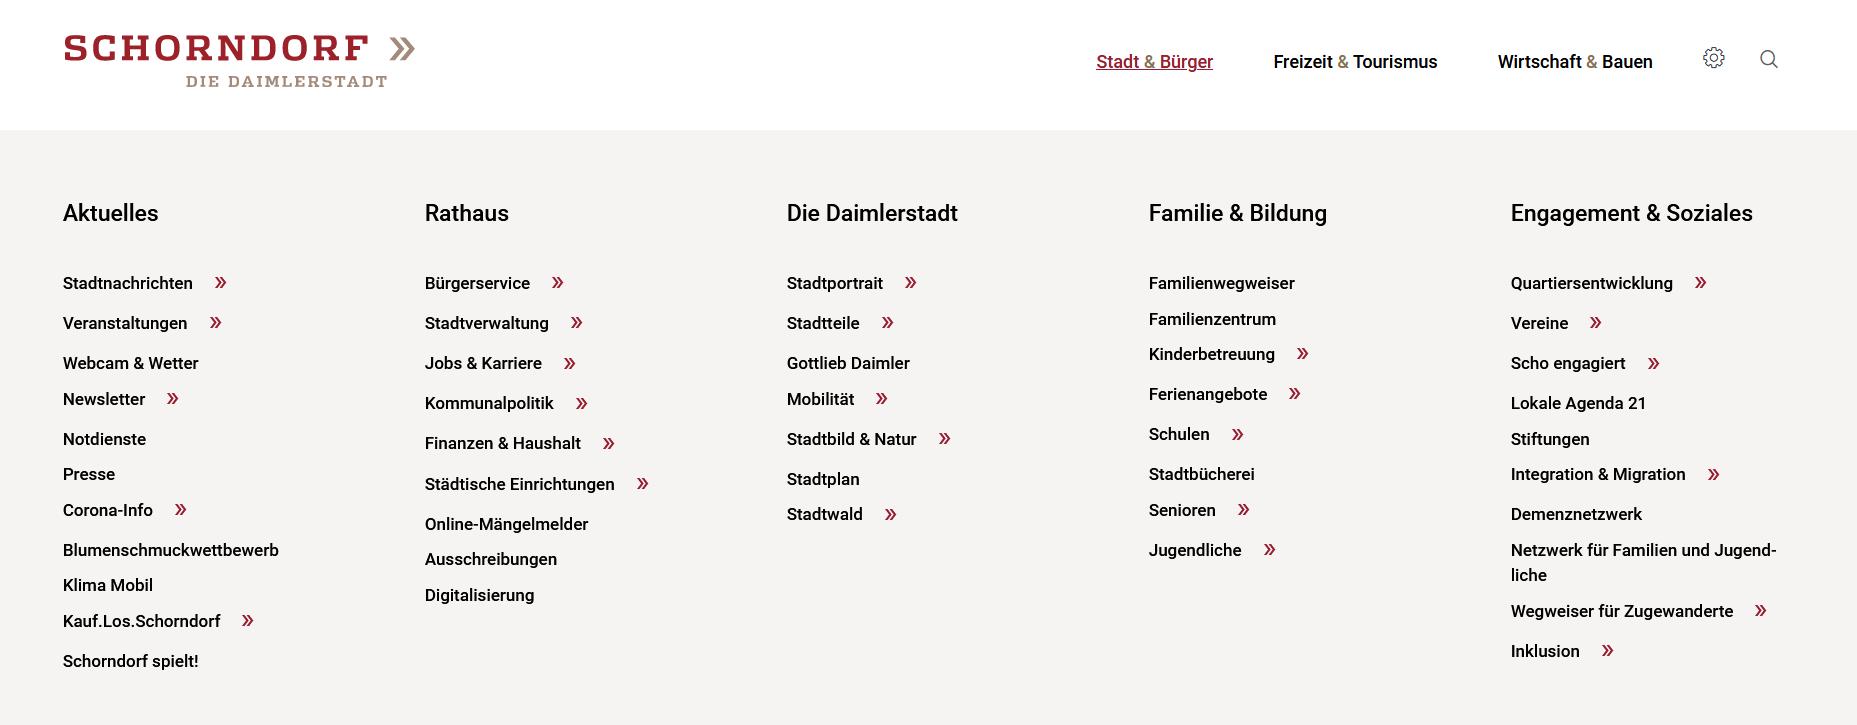 Menü: Stadt & Bürger